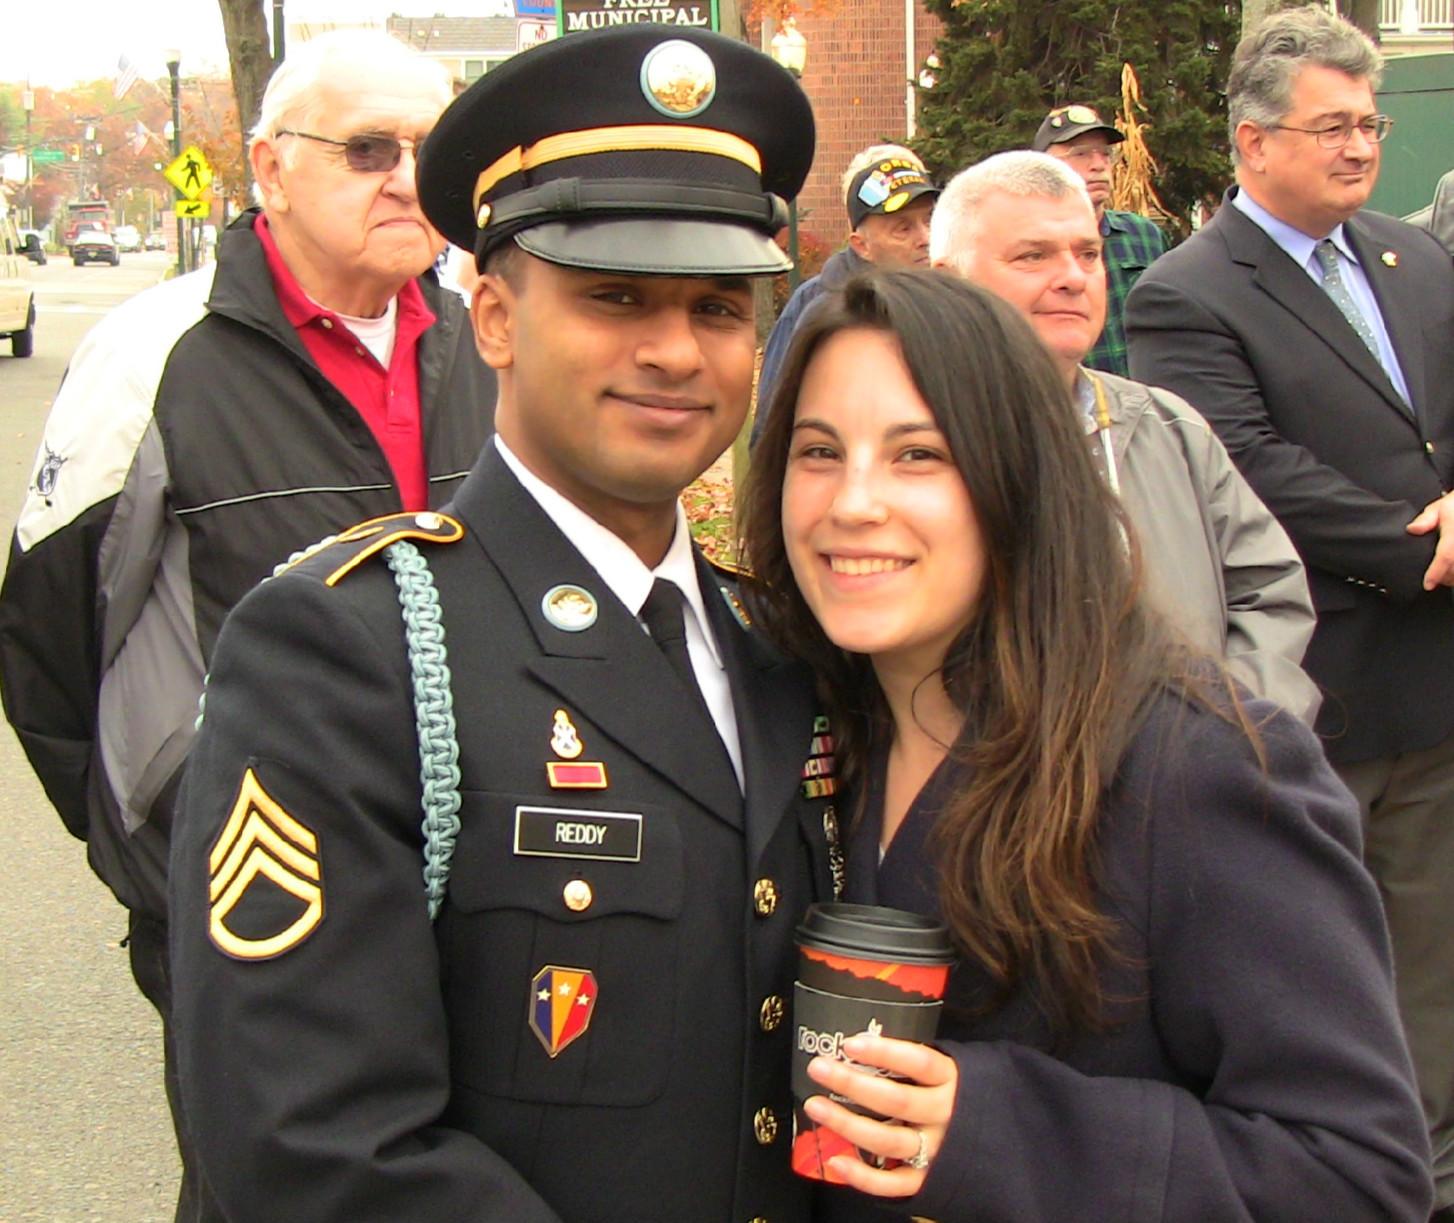 682b112f7218ba0cea6f_Staff_Sgt._Sri_Reddy_and_Adrienne_Lorme.JPG